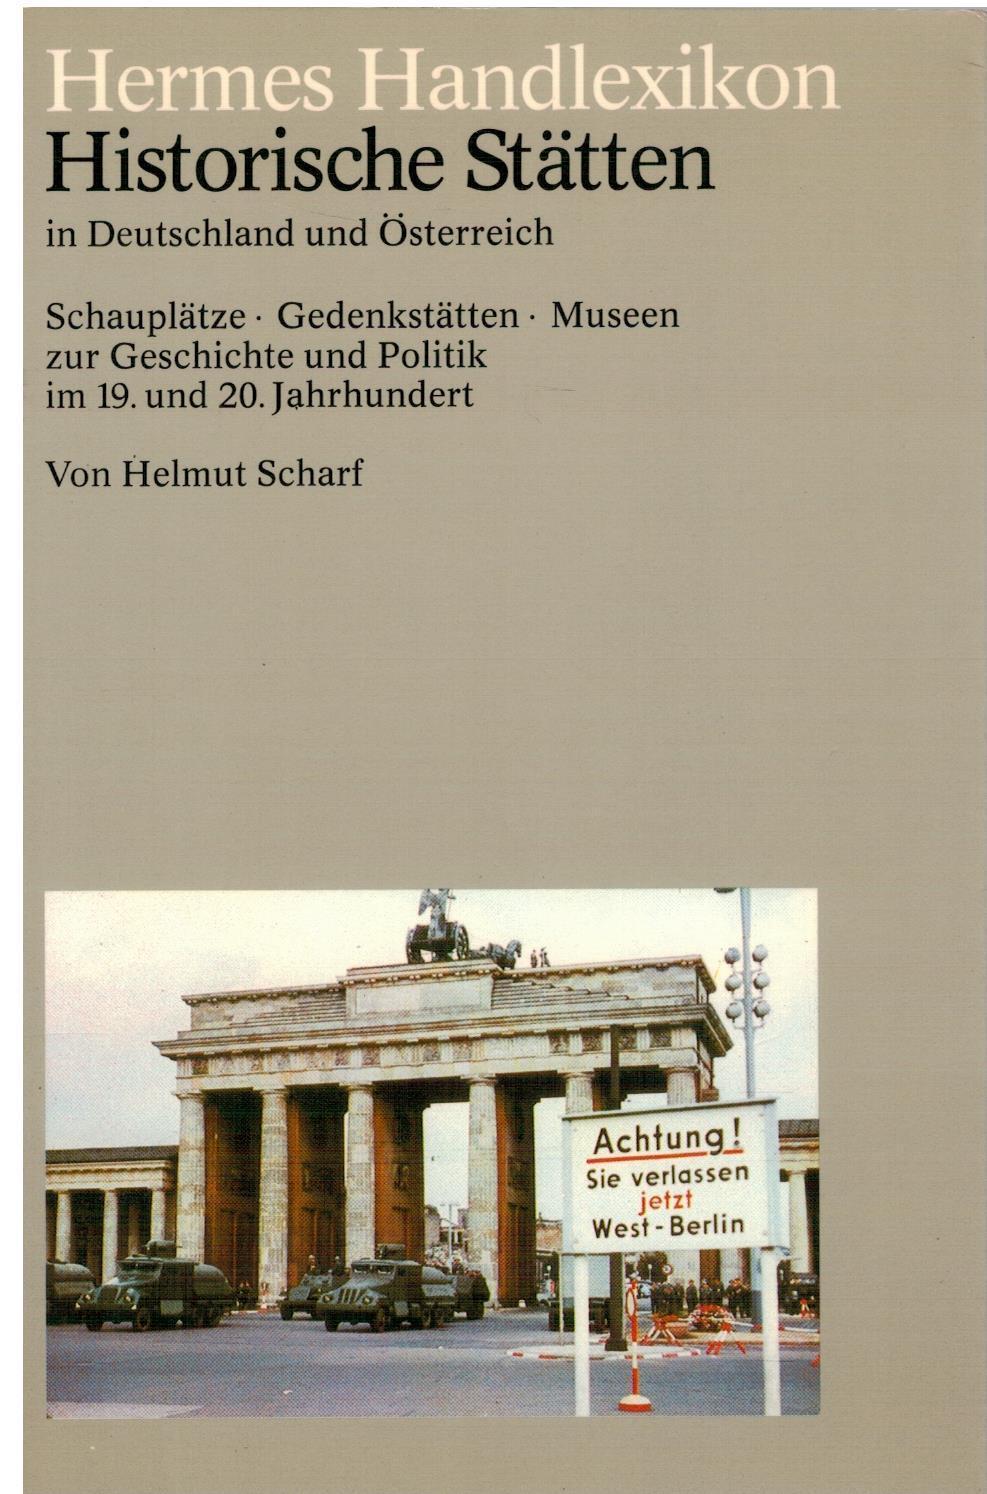 Hermes Handlexikon - Historische Stätten in Deutschland: Scharf, Helmut